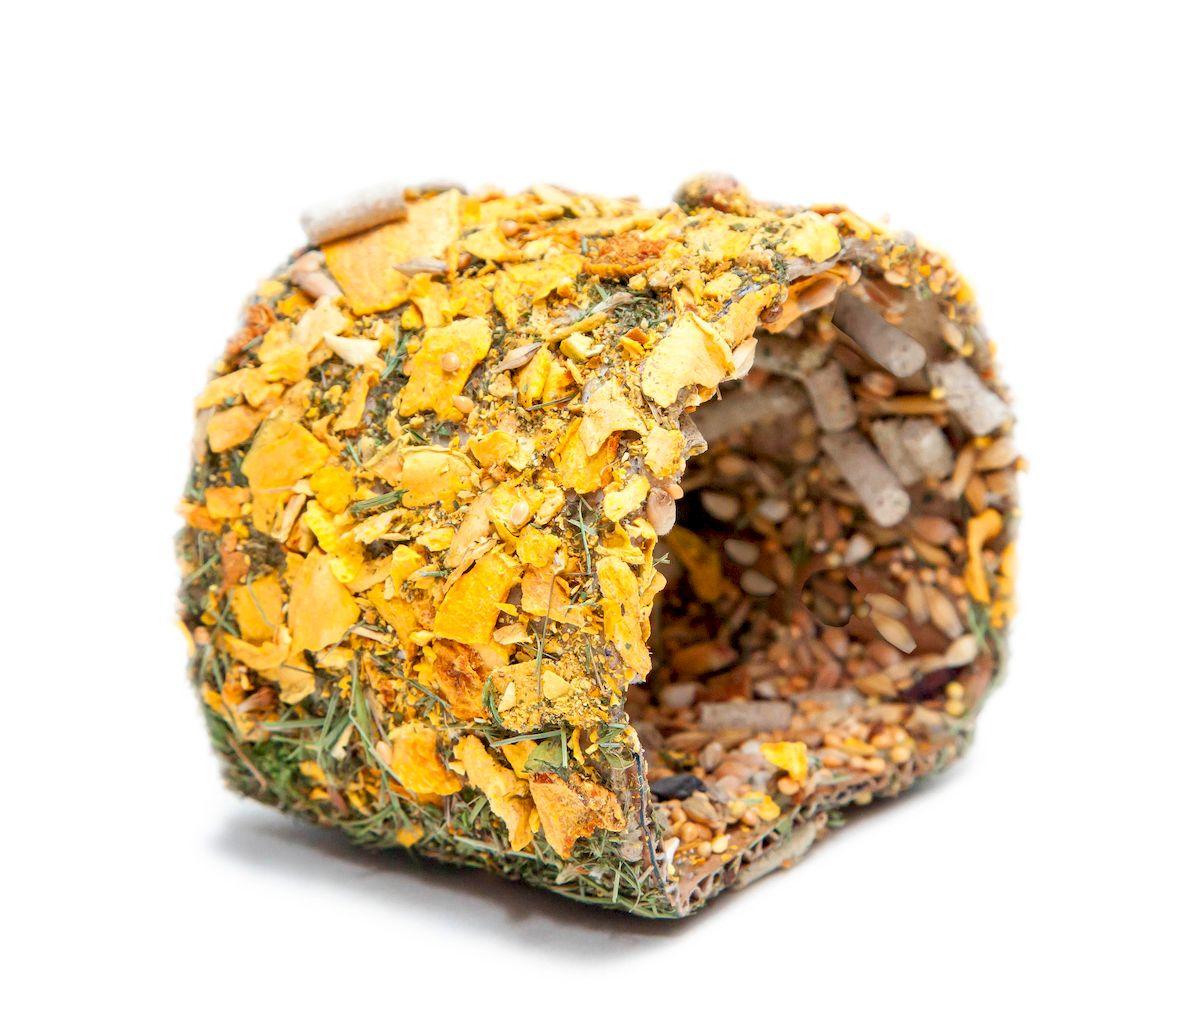 Лакомство для грызунов Престиж Домик Хомы0120710Домик Хомы Престиж - это прекрасное лакомство для домашних грызунов. Лакомство для грызунов не только порадует их вкусом, но и послужит в качестве удобного места для ночлега. Домик наполнен сушеными яблоками, тыквой, морковью, отборным зерном и разнообразием семечек. Домик является не только чудесной игрушкой, но и источником витаминов и минералов, необходимых для правильного развития домашних грызунов (кроликов, морских свинок, шиншилл.)Состав: зеленое сено Люкс премиум класса, сушеные фрукты и овощи (яблоки, тыква, морковь), просо, семена подсолнечника, гранулы для хомяков, пшеница, овес, кукуруза.Товар сертифицирован.